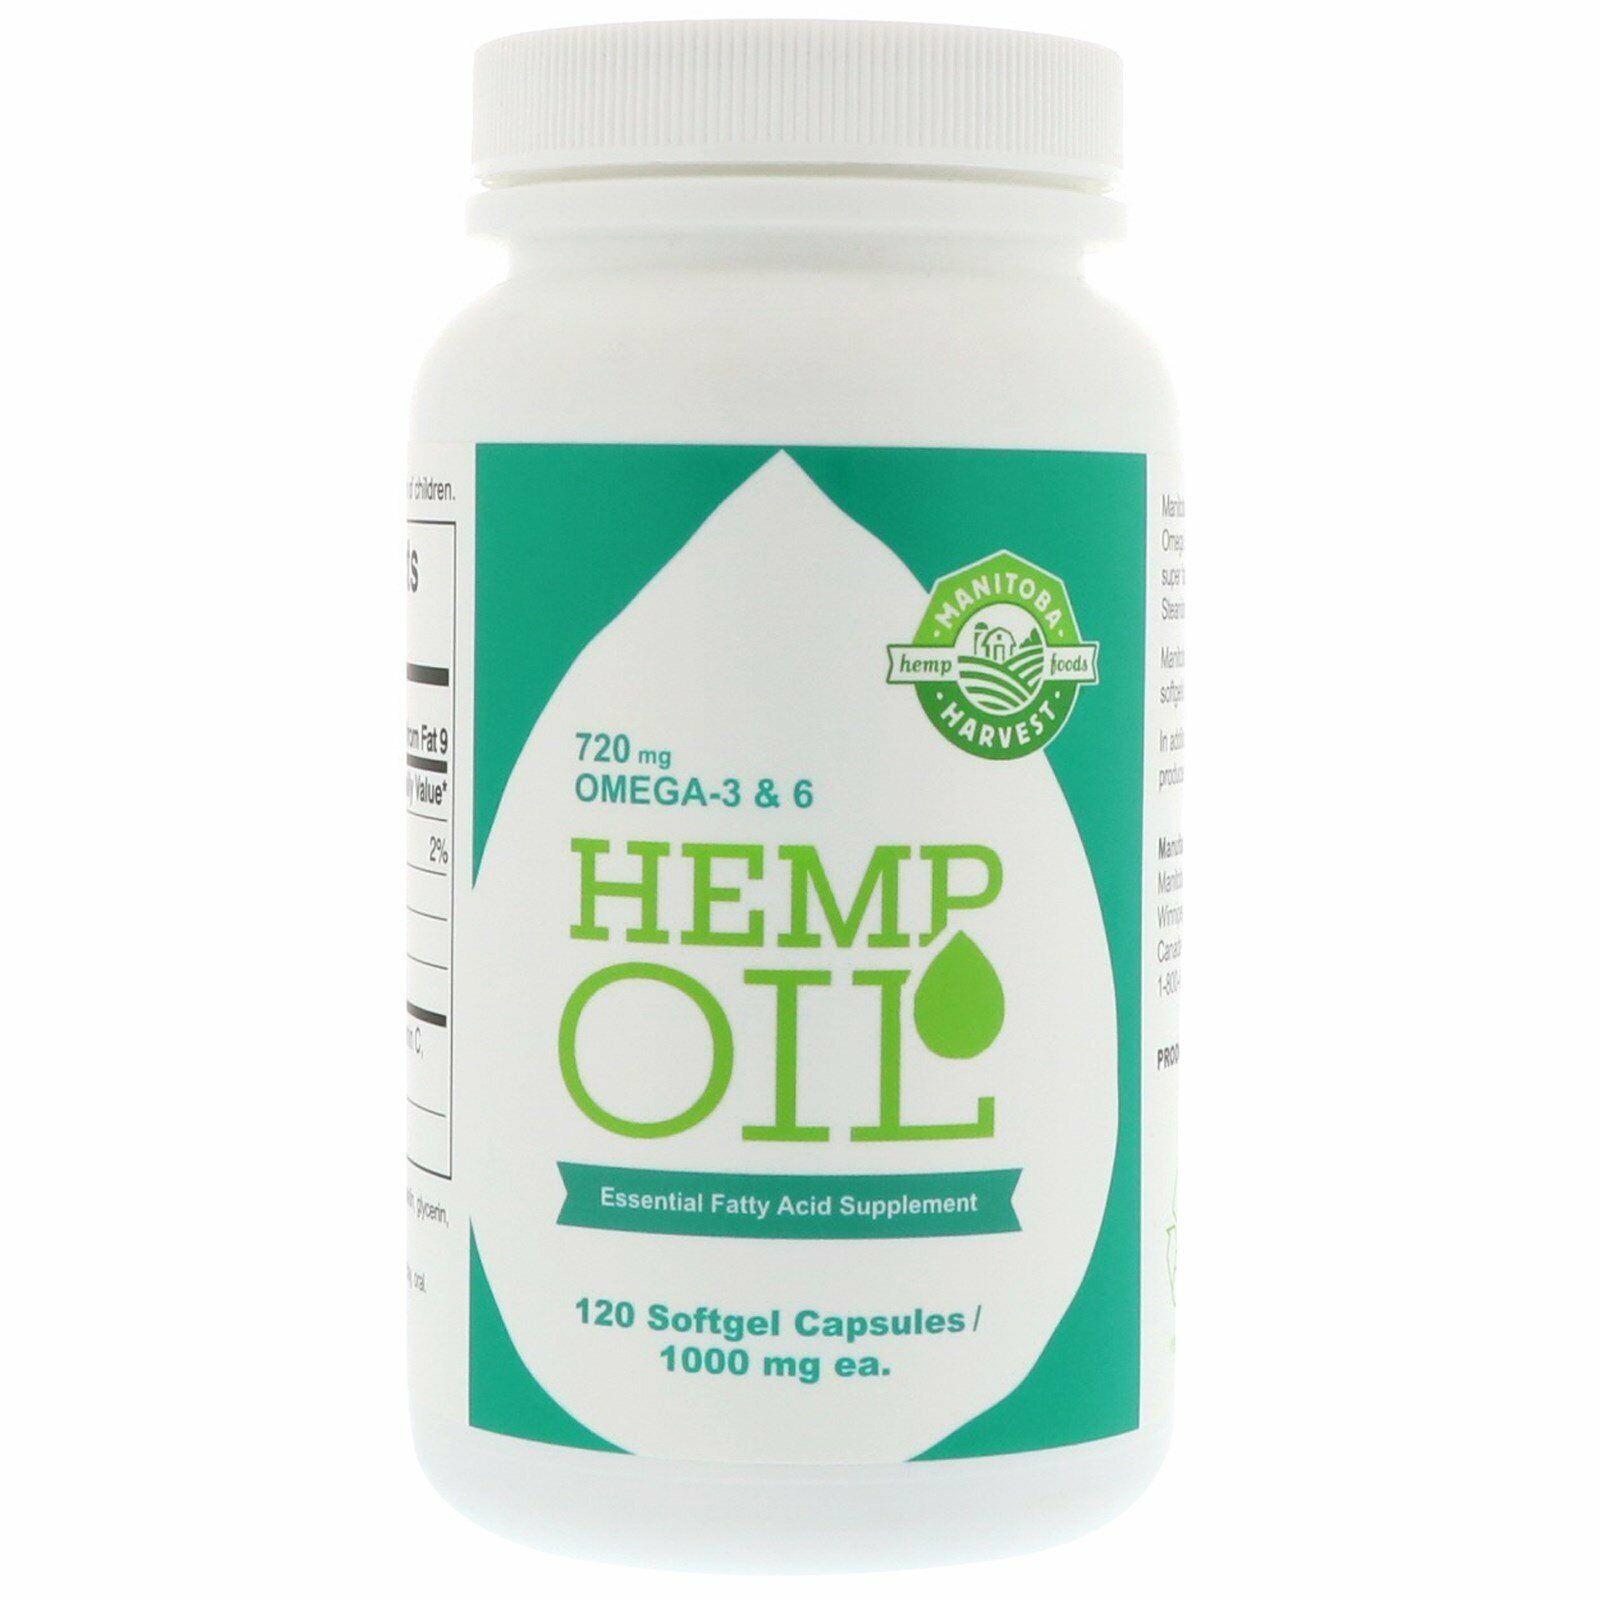 2 Pack's Manitoba Harvest Hemp Oil, 120 Softgel Capsules  720 mg Omega-3 & 6 1